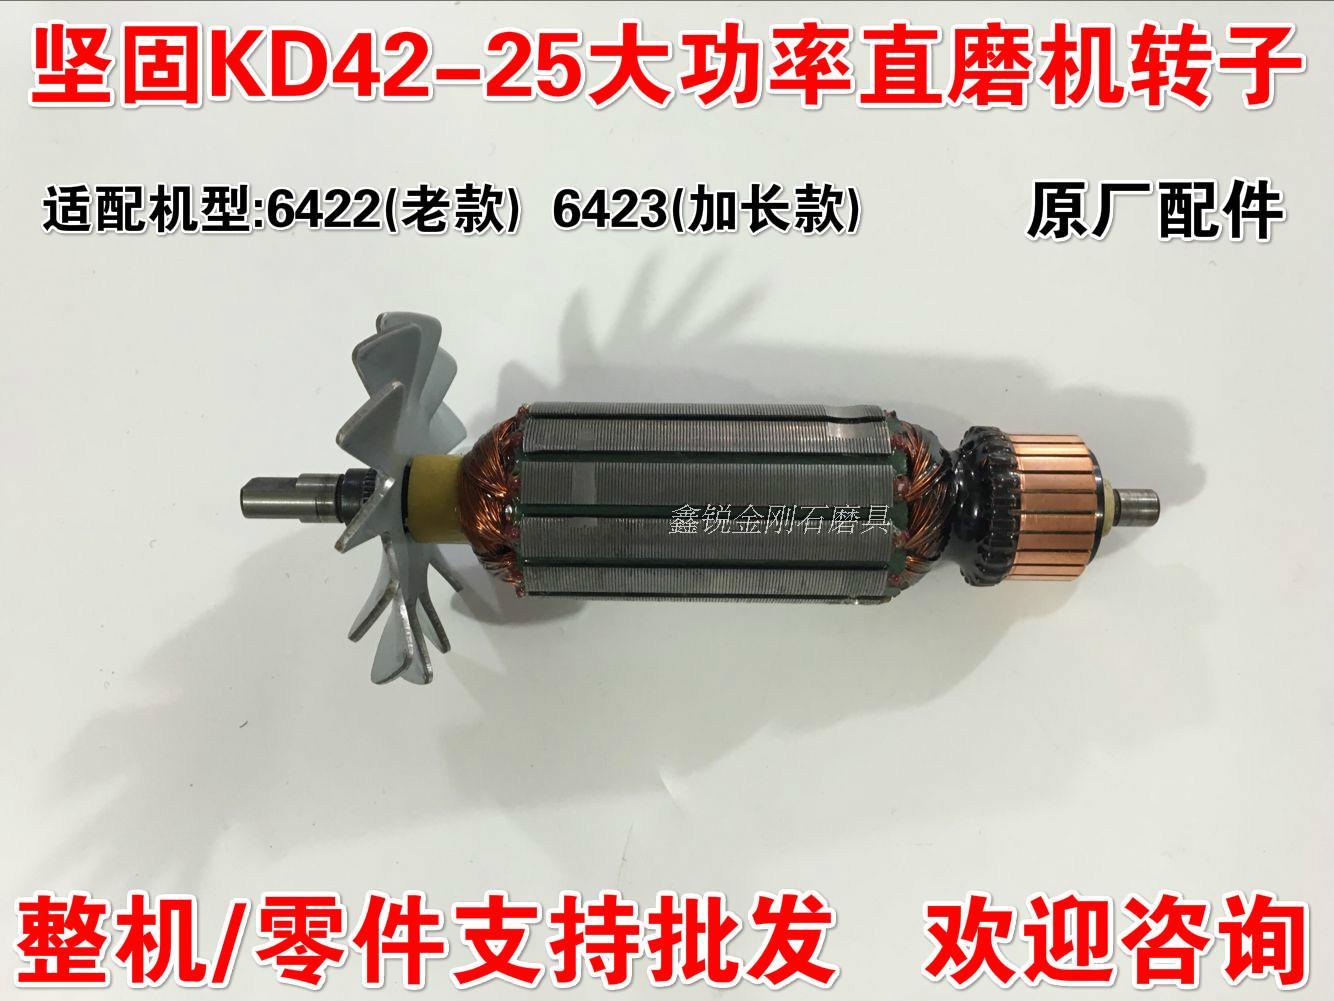 Robusto KD42-25 rotor recto molino 710W molino eléctrico de alta potencia piezas 6422 6423 rotor molino recto